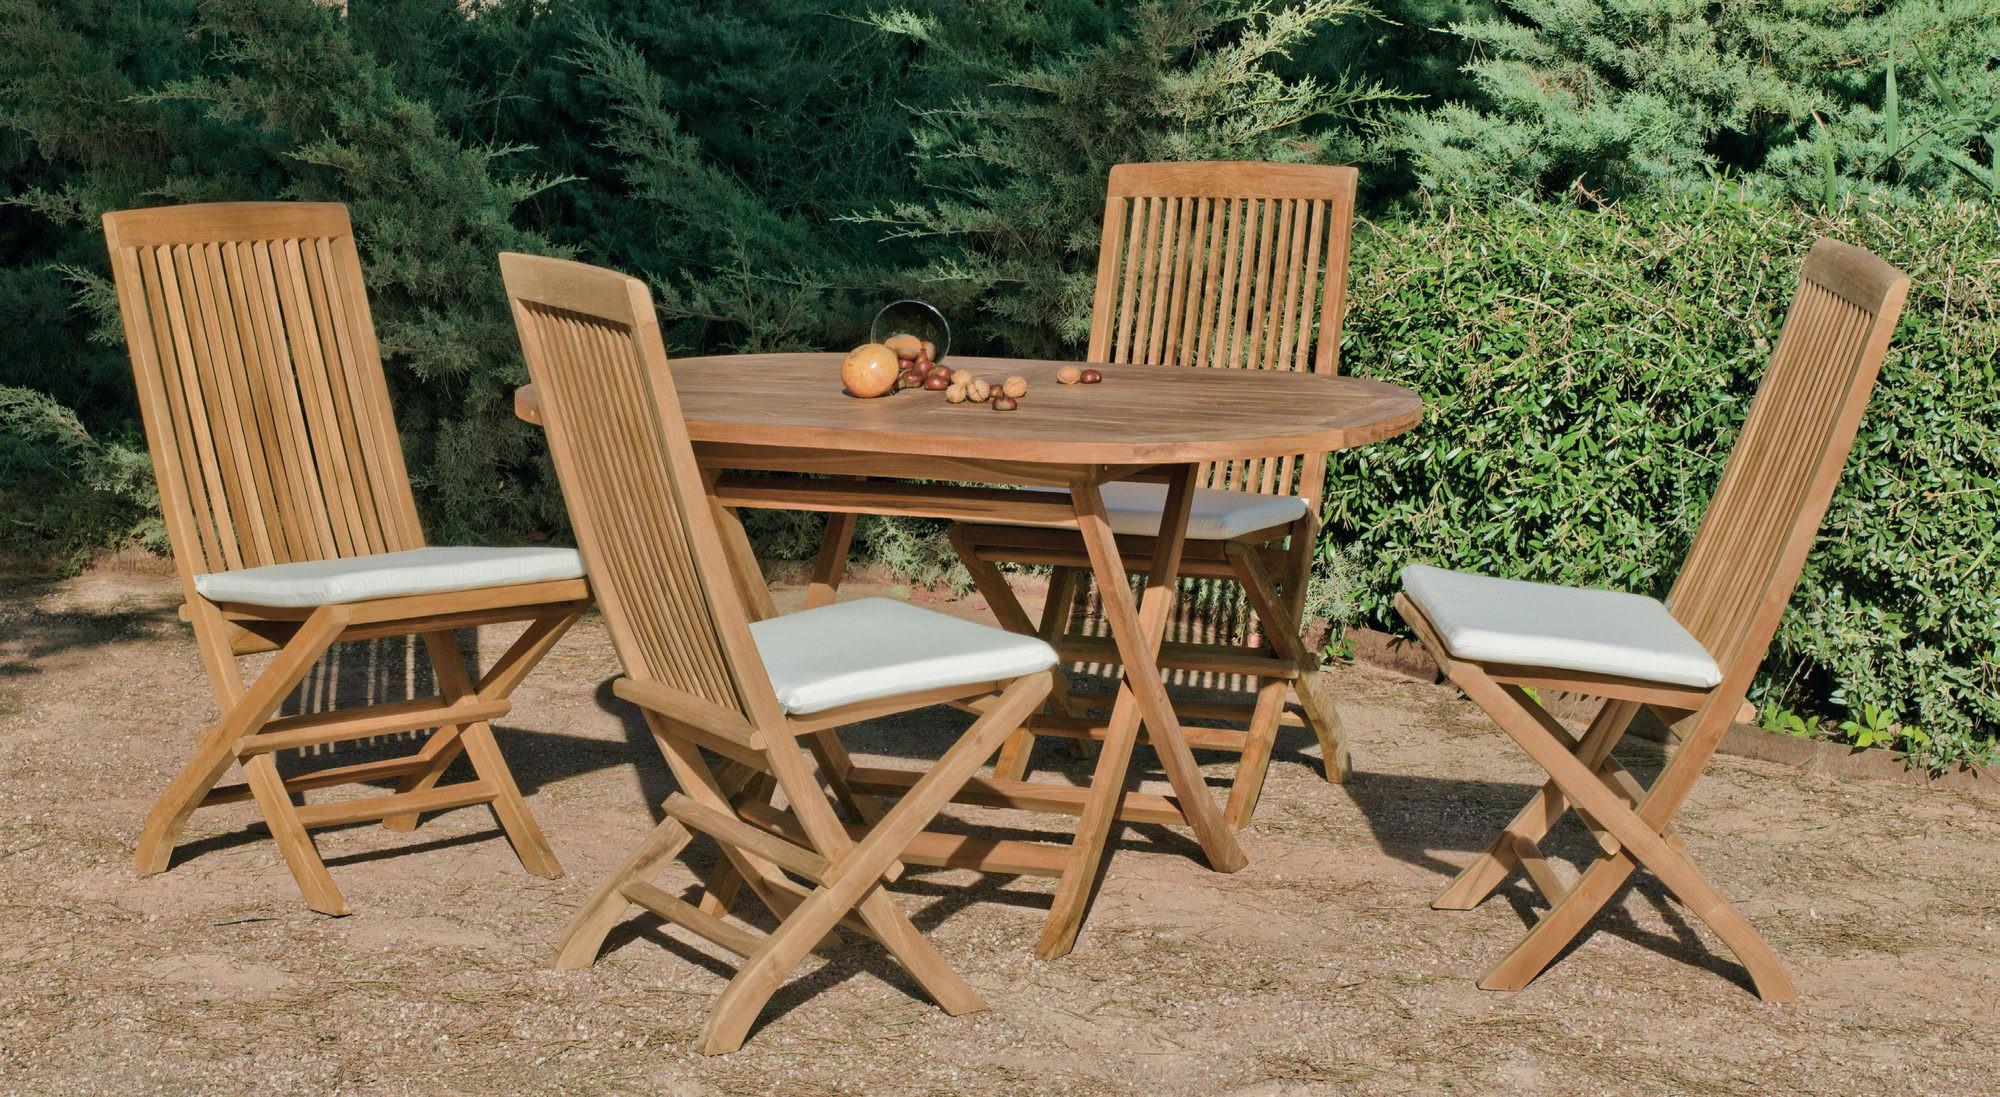 Achat Vente Salon De Jardin Bois Teck Table 140Cm + 4 ... avec Salon De Jardin En Teck Pas Cher